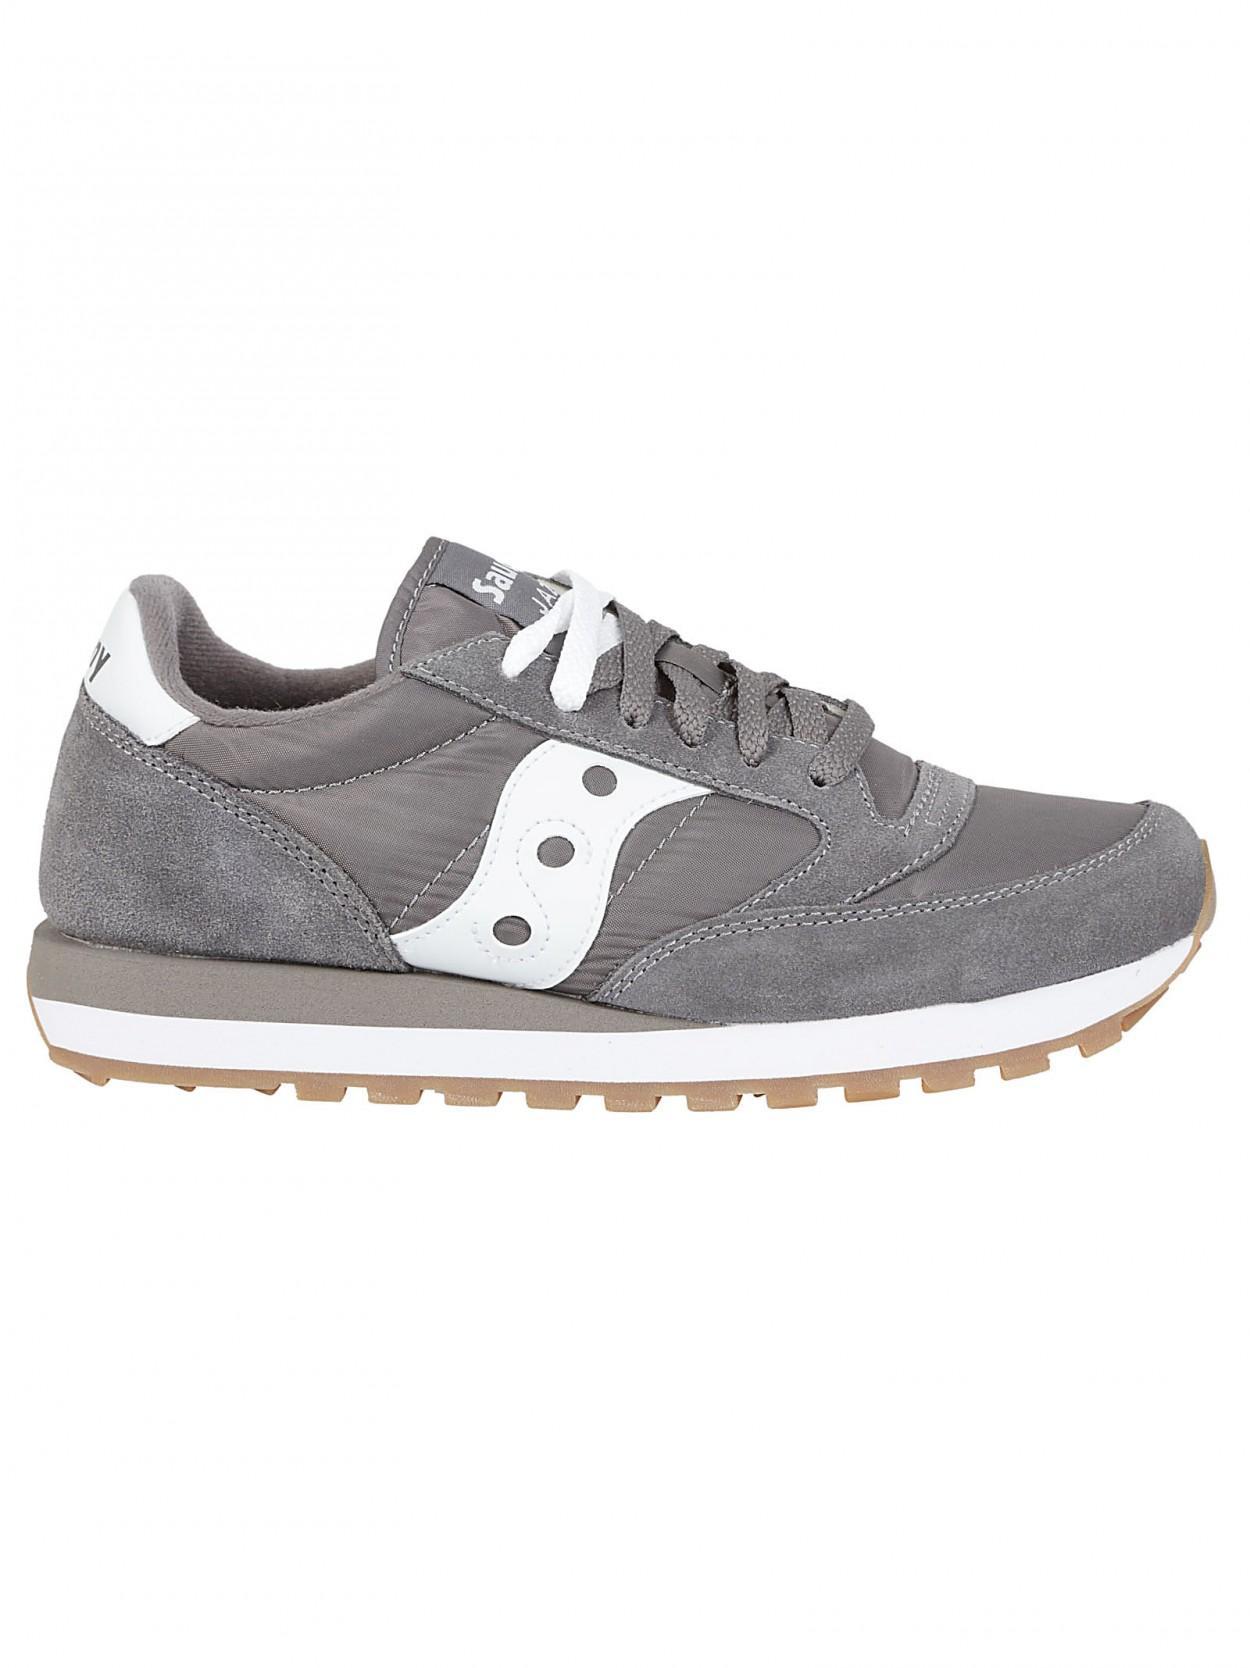 6c16fc319f4d Lyst - Saucony SAUCONY Sneaker jazz o grigia in Gray for Men